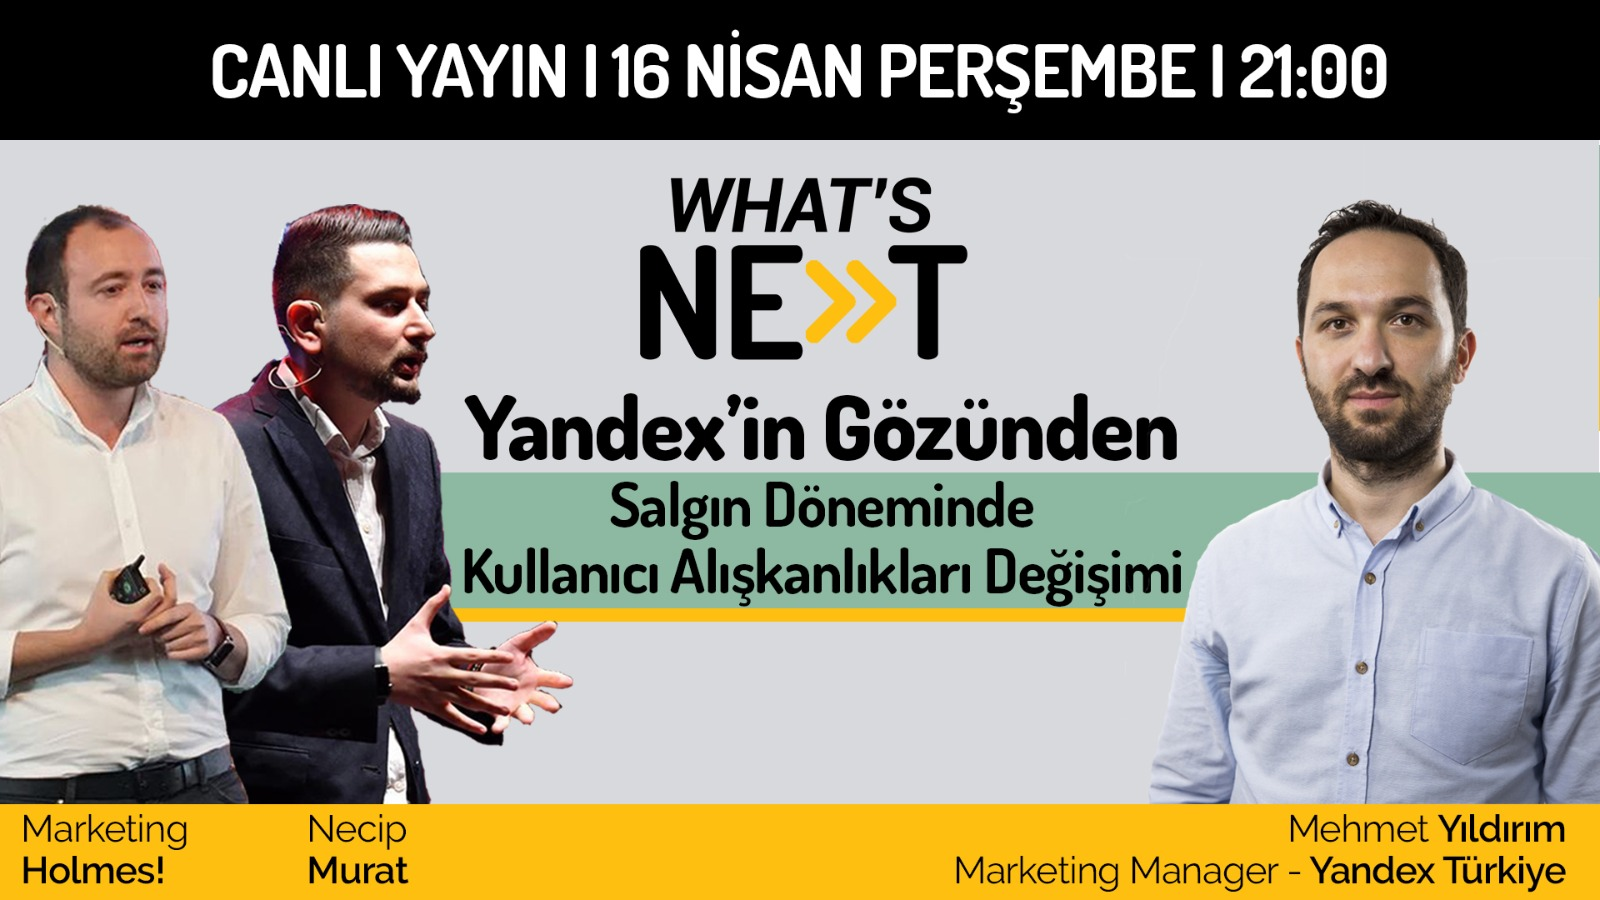 What's Next #2: Yandex'in Gözünden Salgın Dönemindeki Tüketici Alışkanlıkları Değişimi